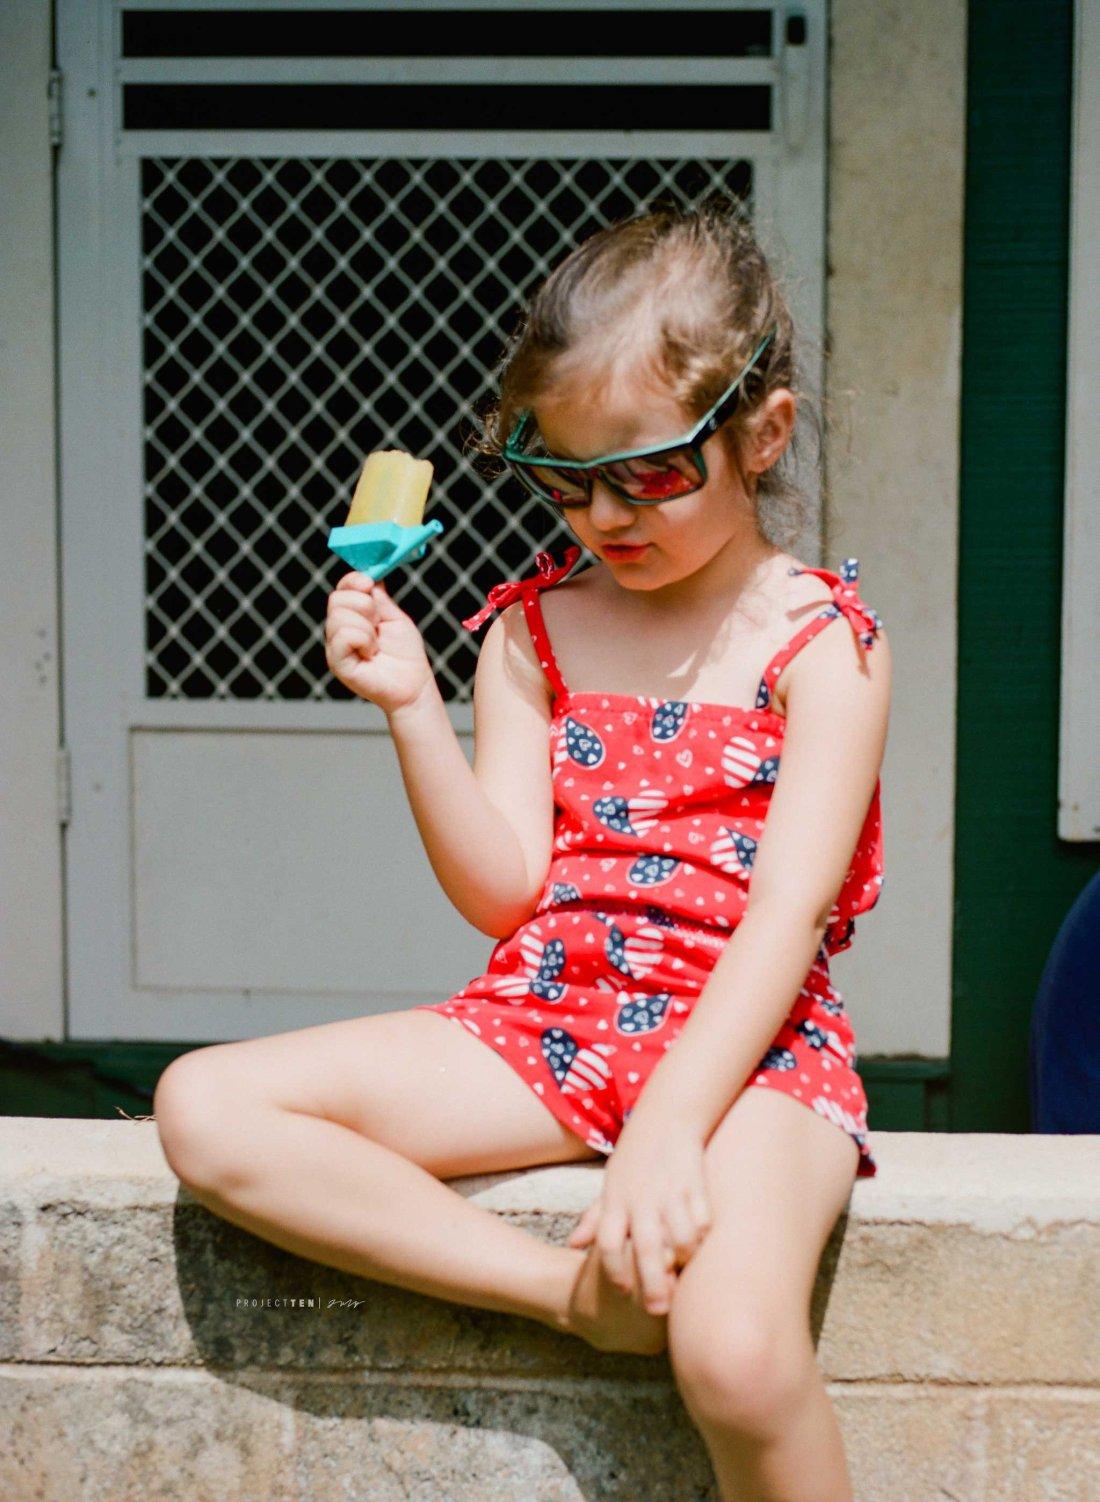 kauai summer photos